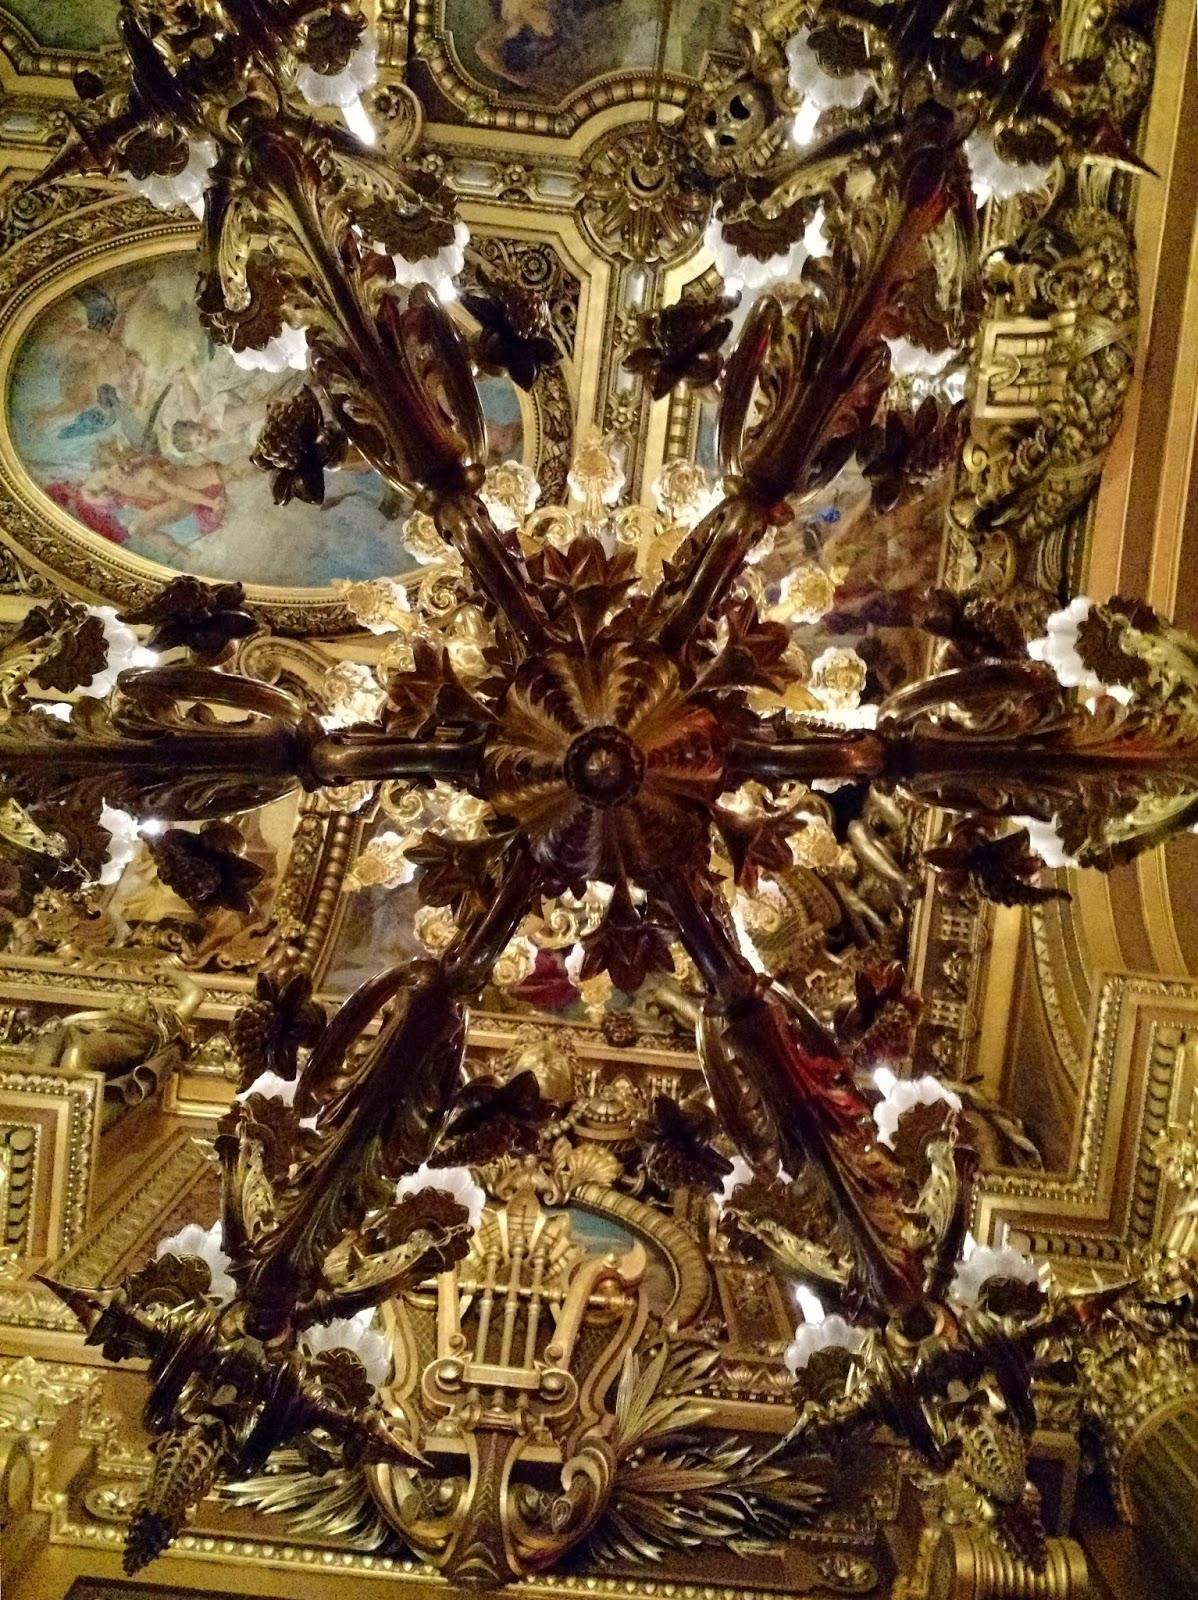 Le Chameau Bleu - Plafond de l'Opéra Garnier